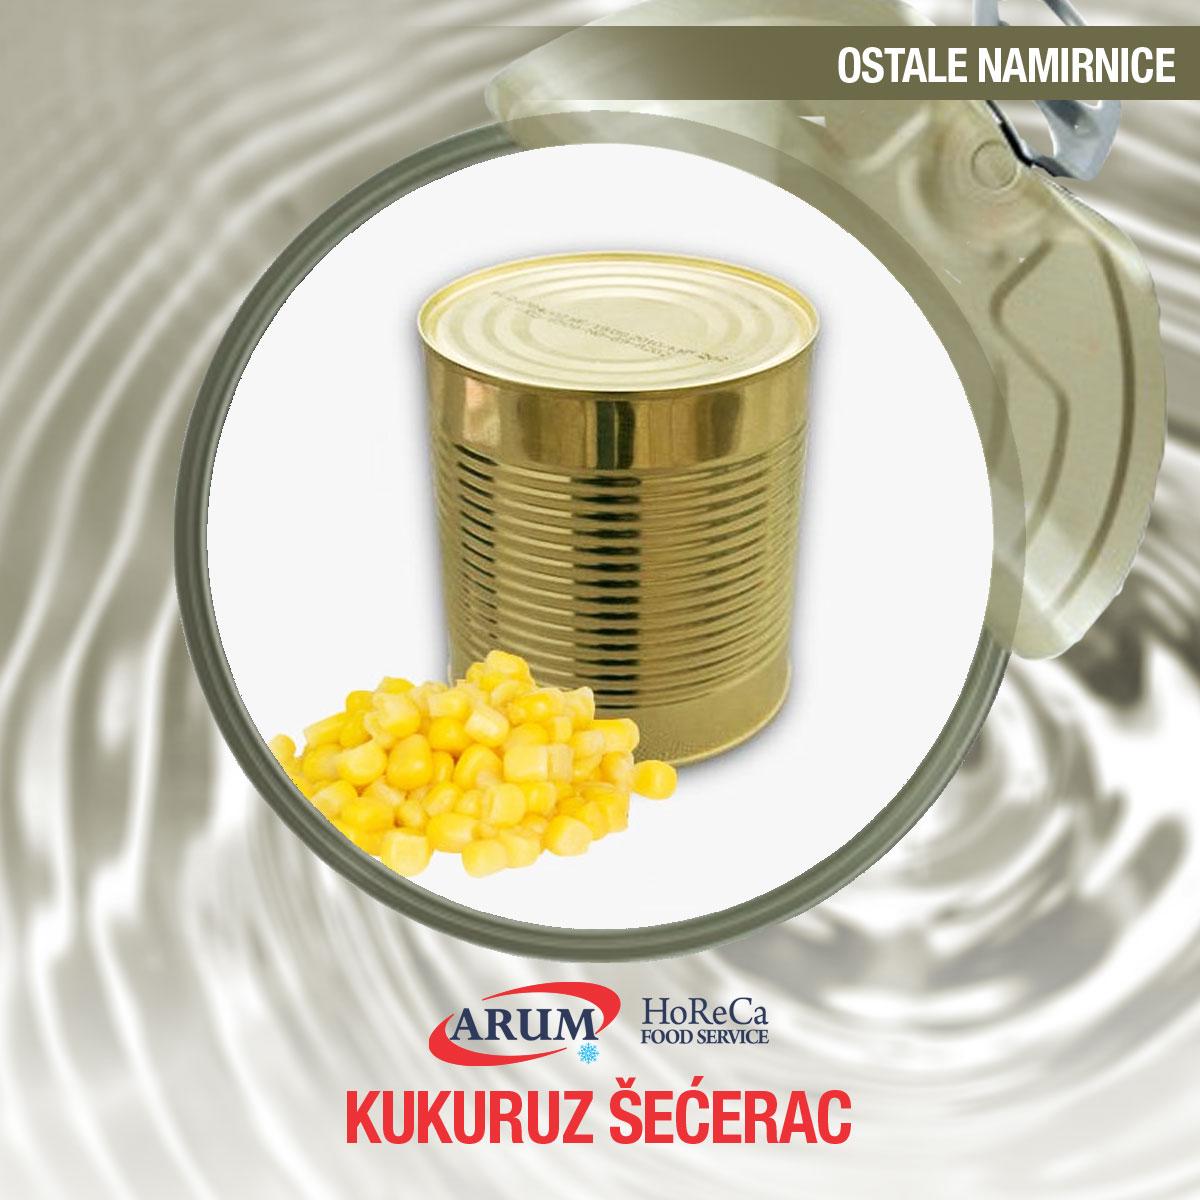 KUKURUZ SECERAC L-4250gr